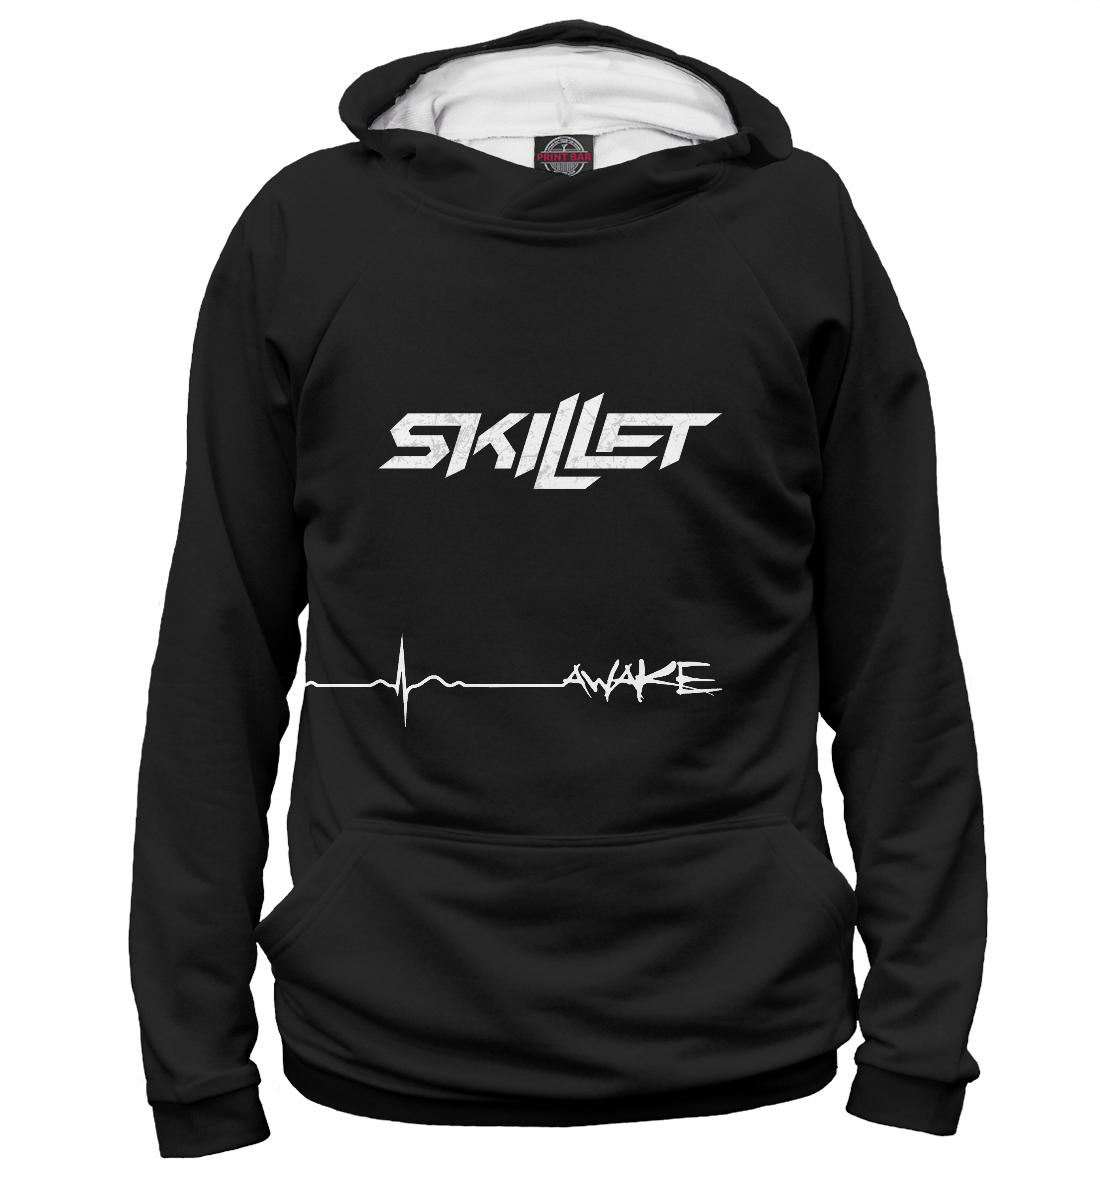 Купить Skillet, Printbar, Худи, SKL-592663-hud-1